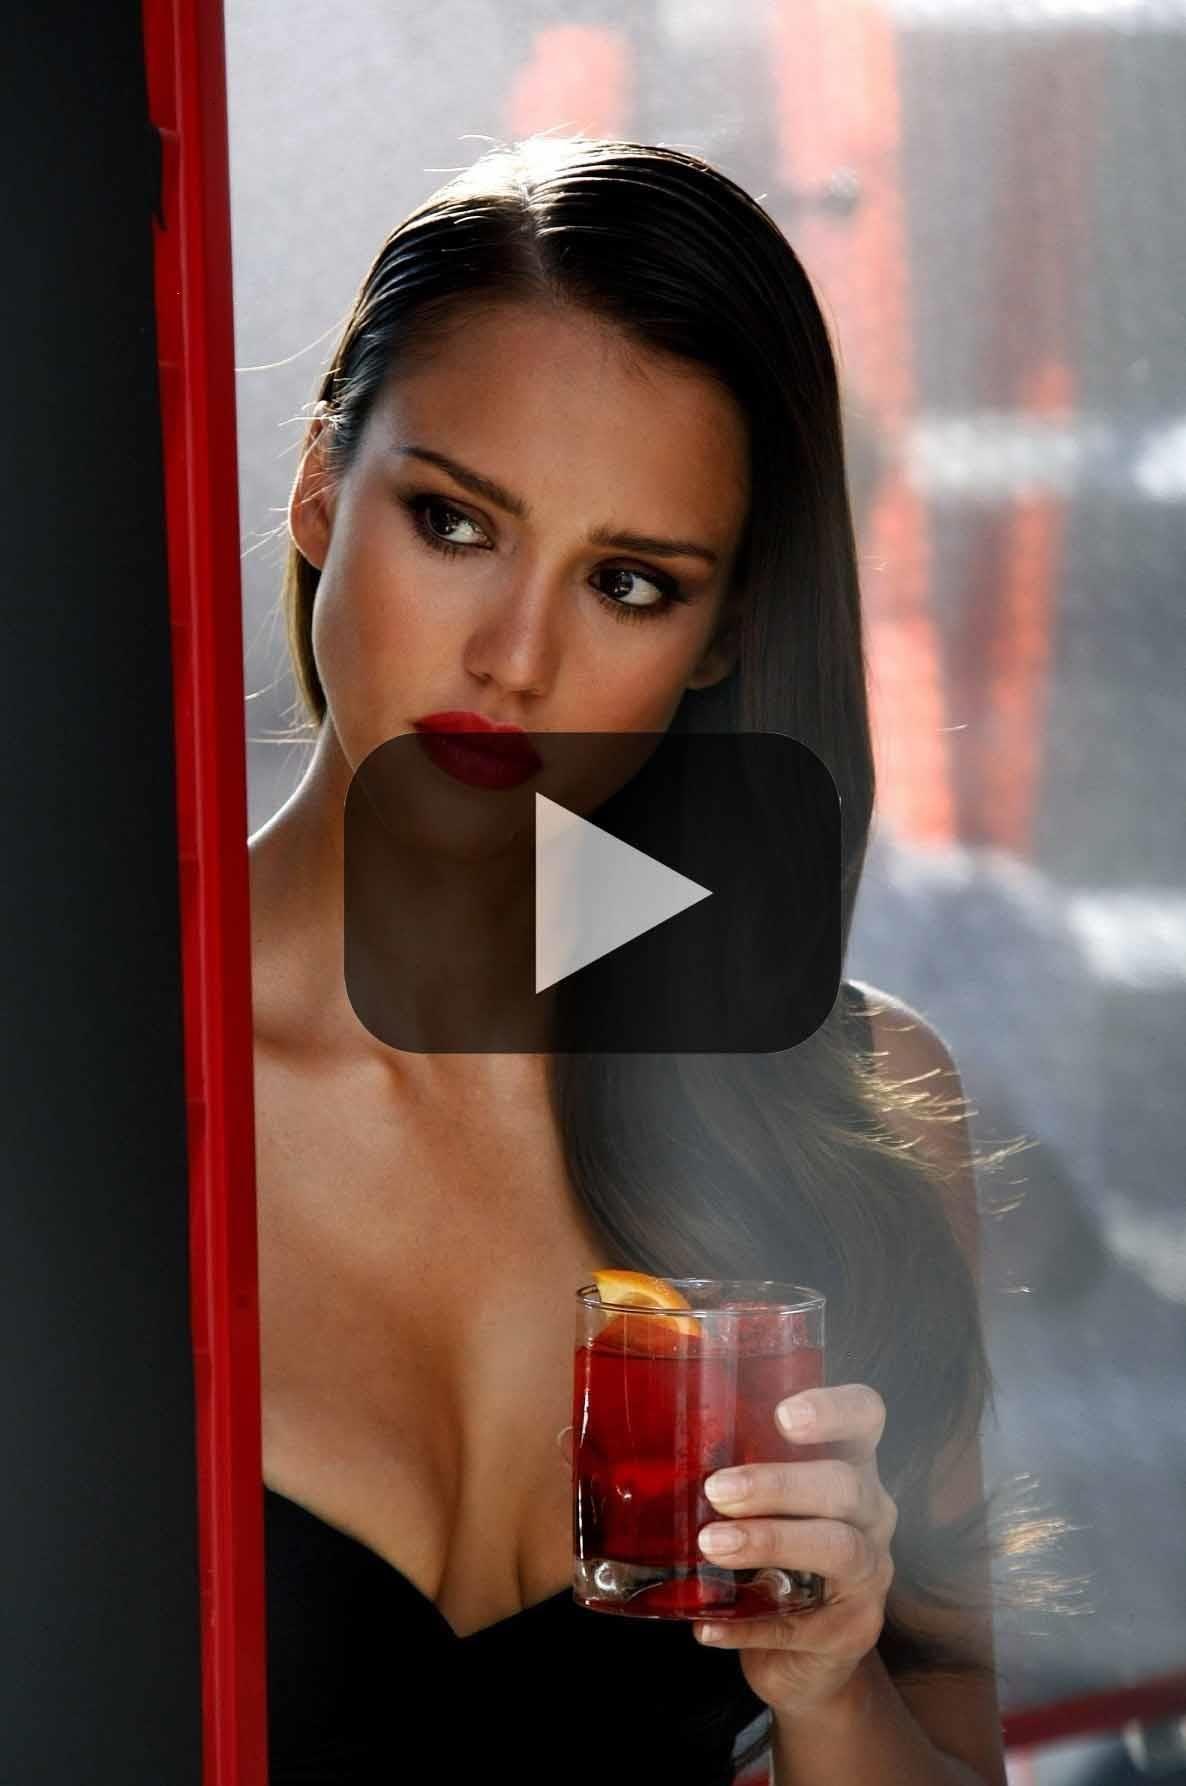 Секс красивых девочек видео